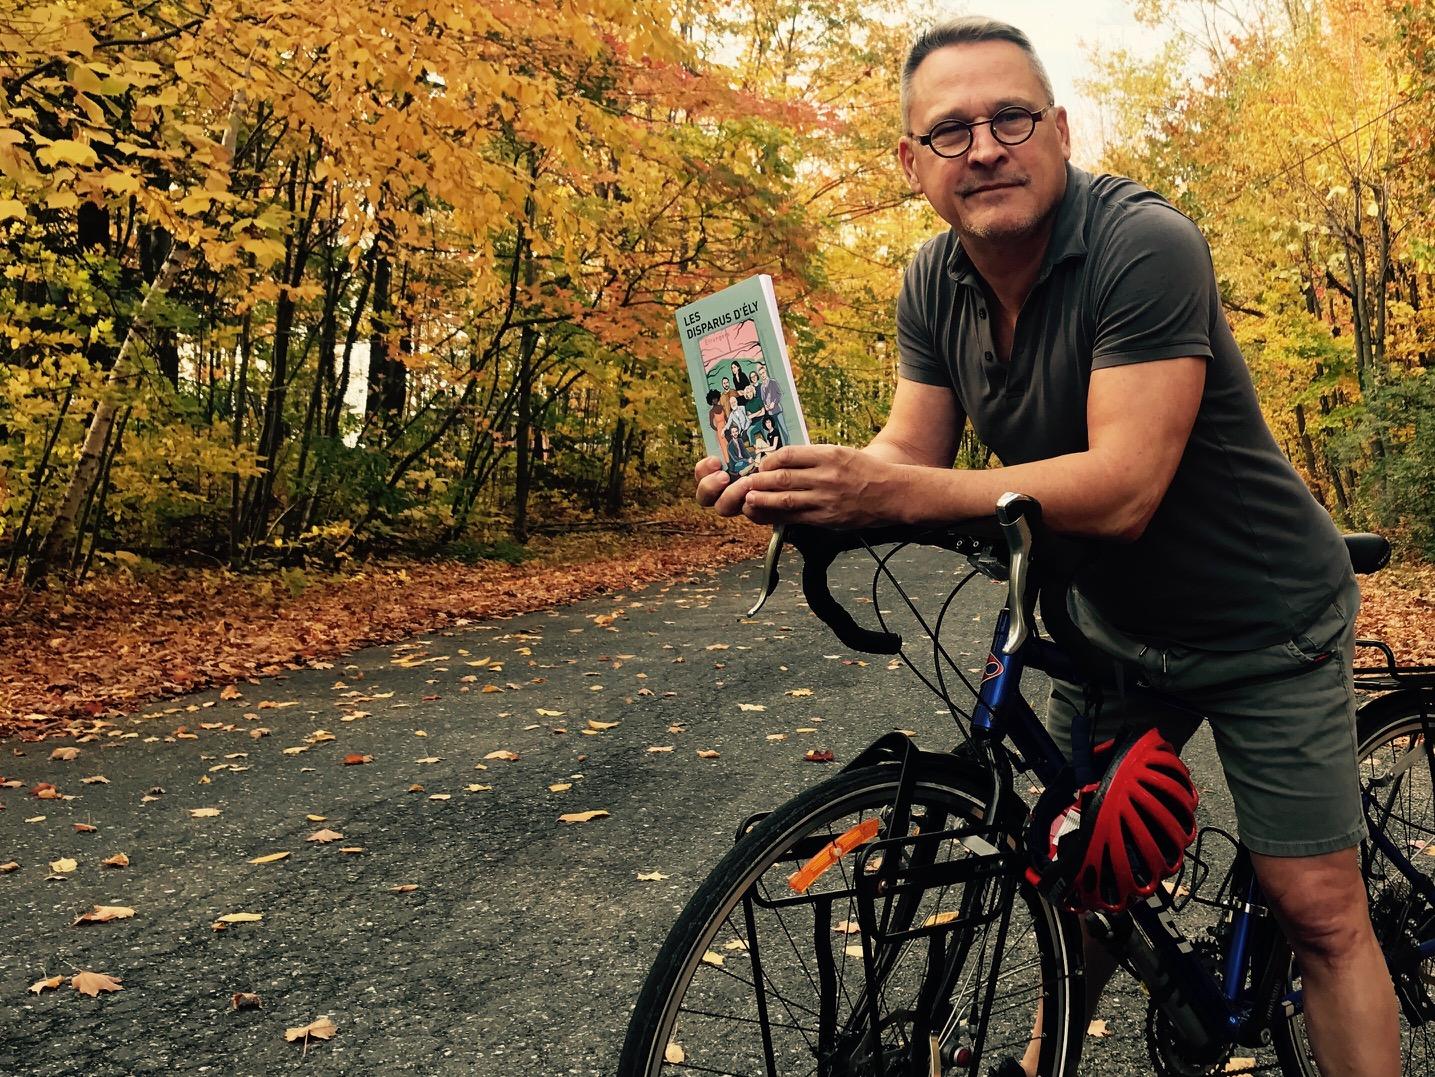 Un lancement de livre à vélo, signé Alain Labonté